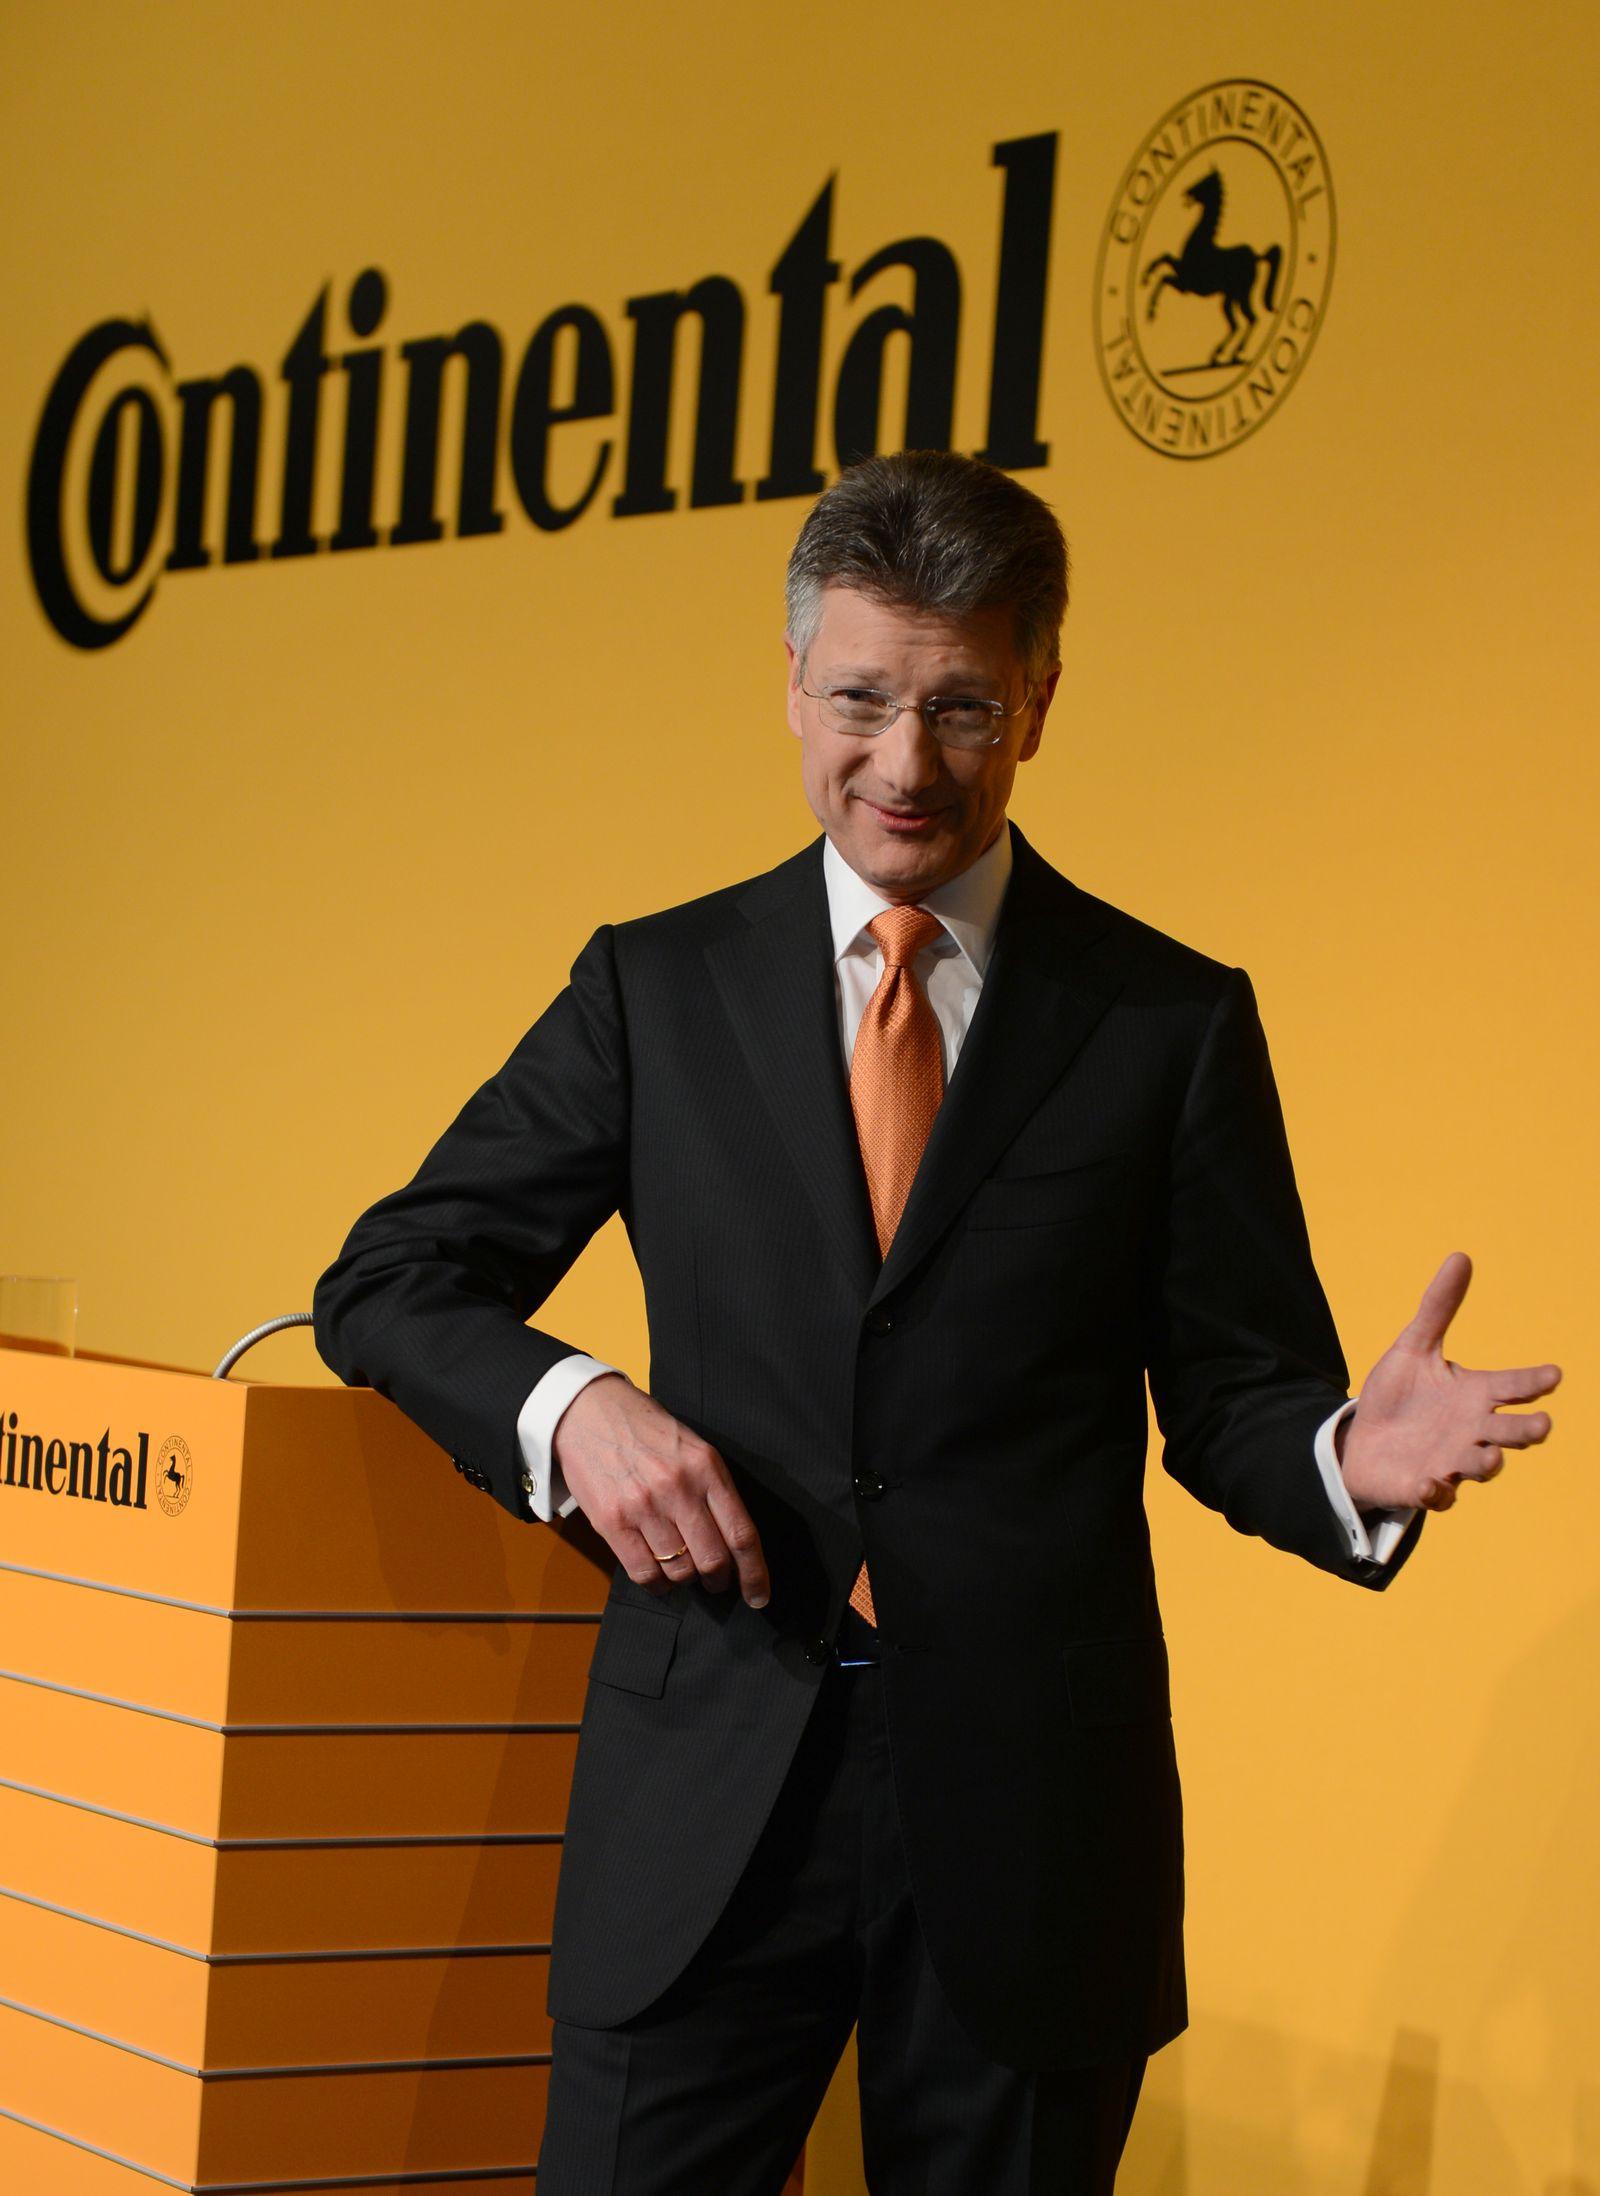 Continental / Dax / Elmar Degenhart